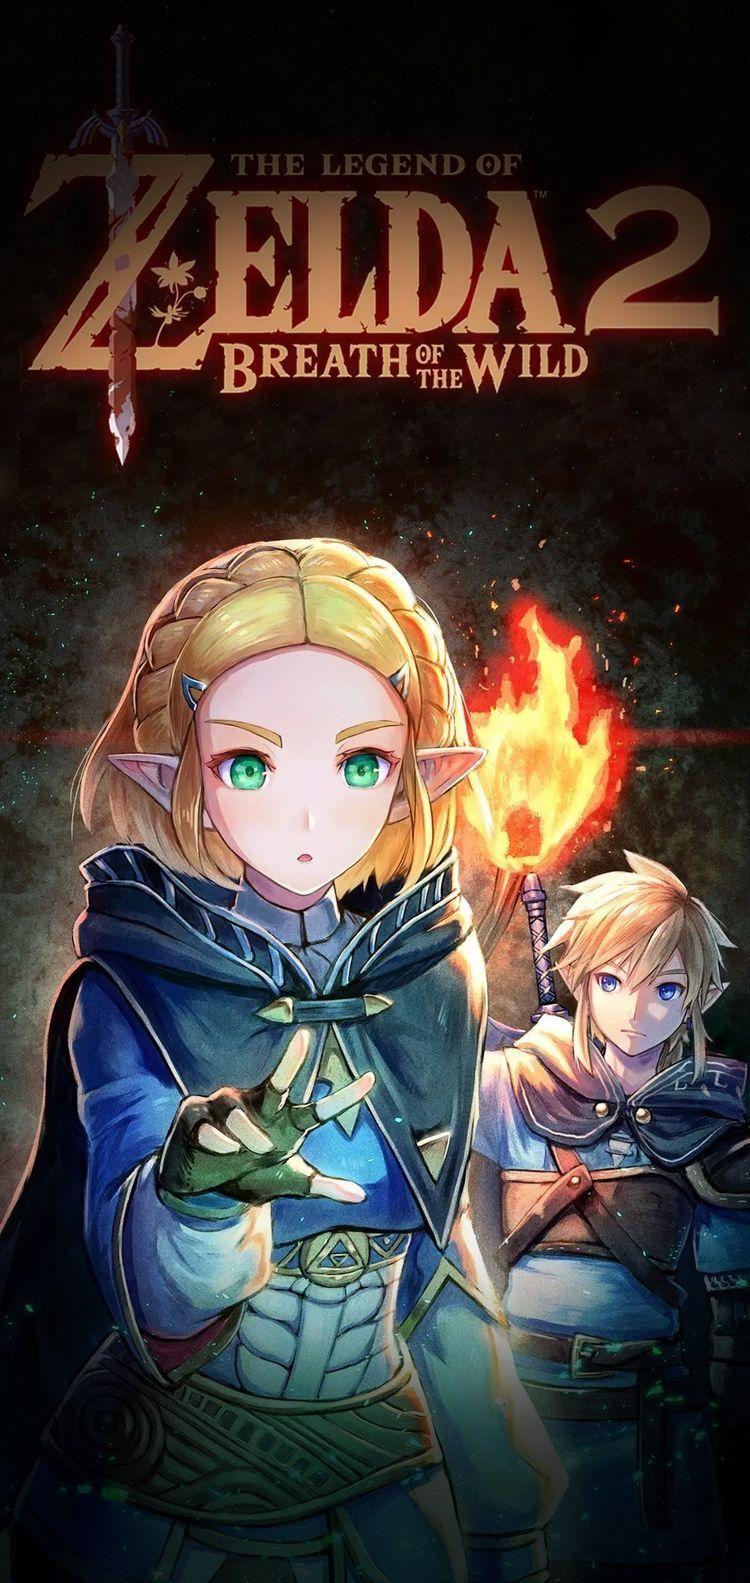 Wallpaper De Zelda Breath Of The Wild In 2021 Princess Zelda Art Legend Of Zelda Legend Of Zelda Breath